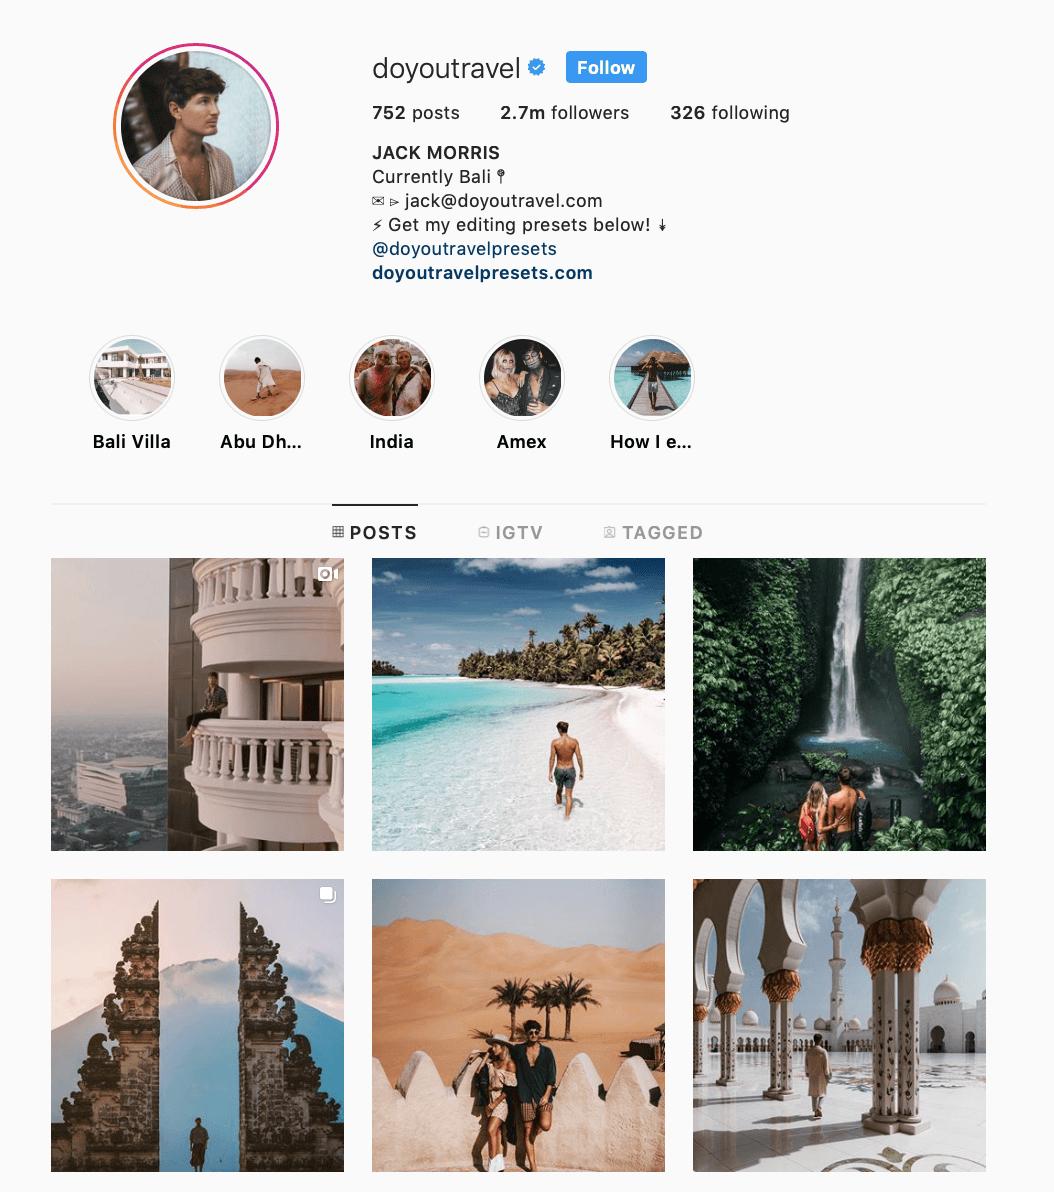 Təsirli marketinq Instagram | Ən yaxşı marketinq Instagram 37.